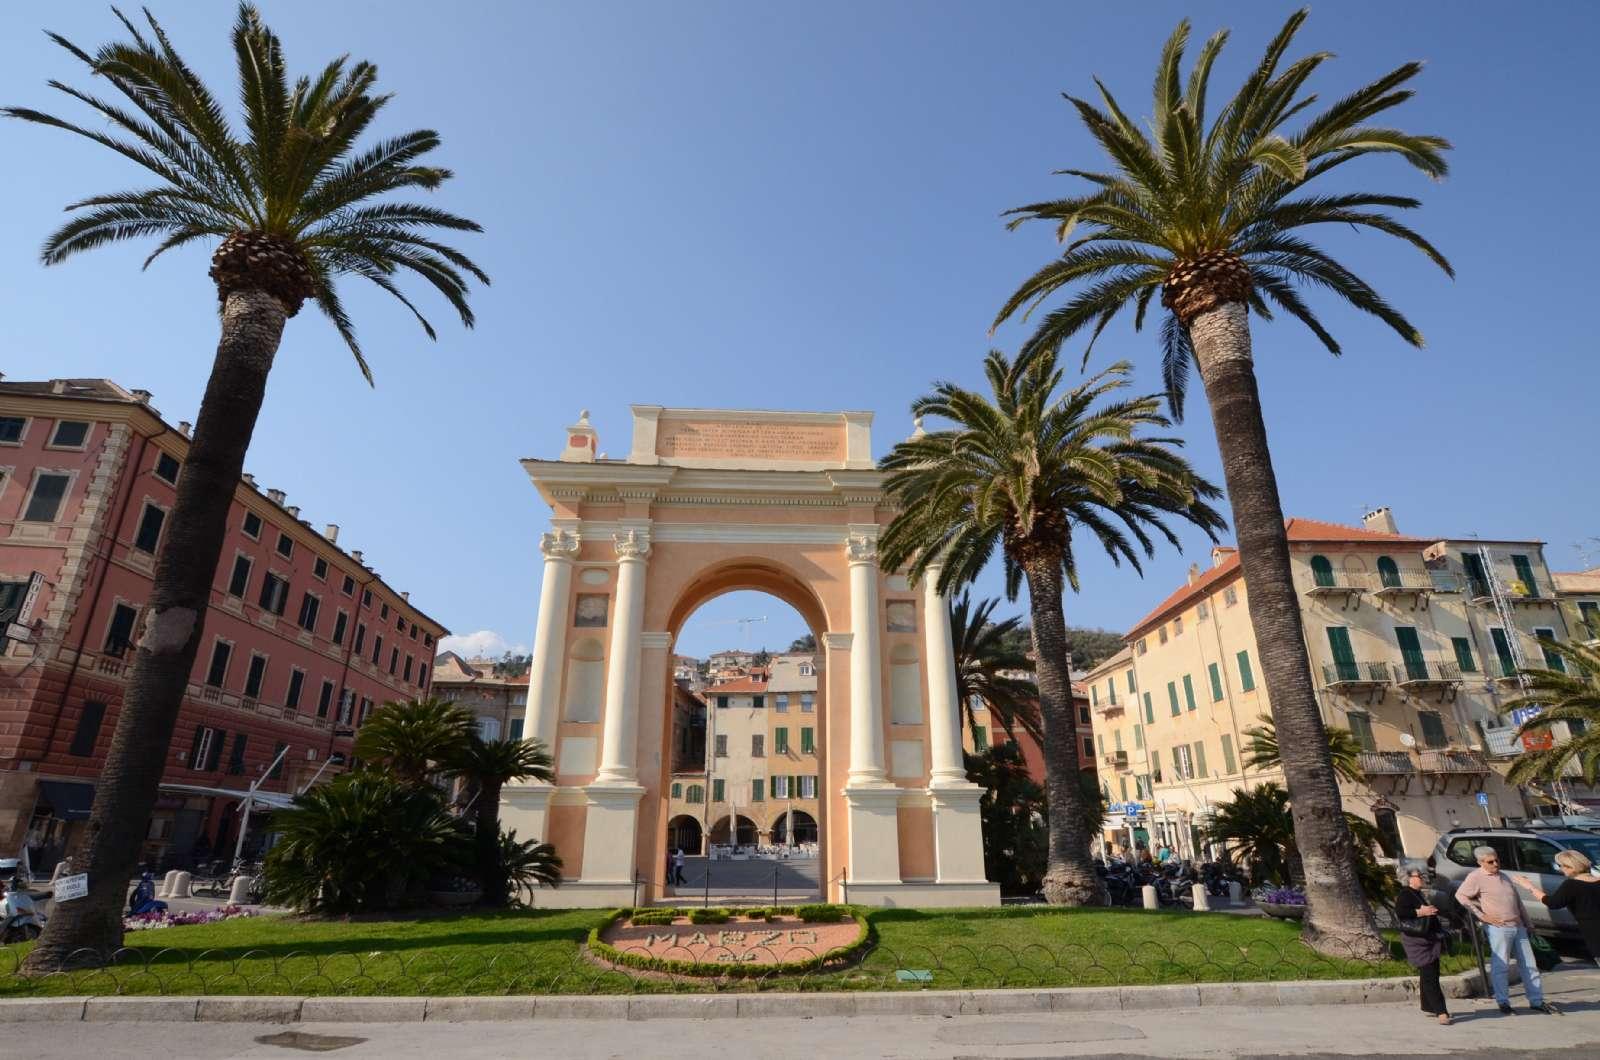 La vieille ville de Finale Marina